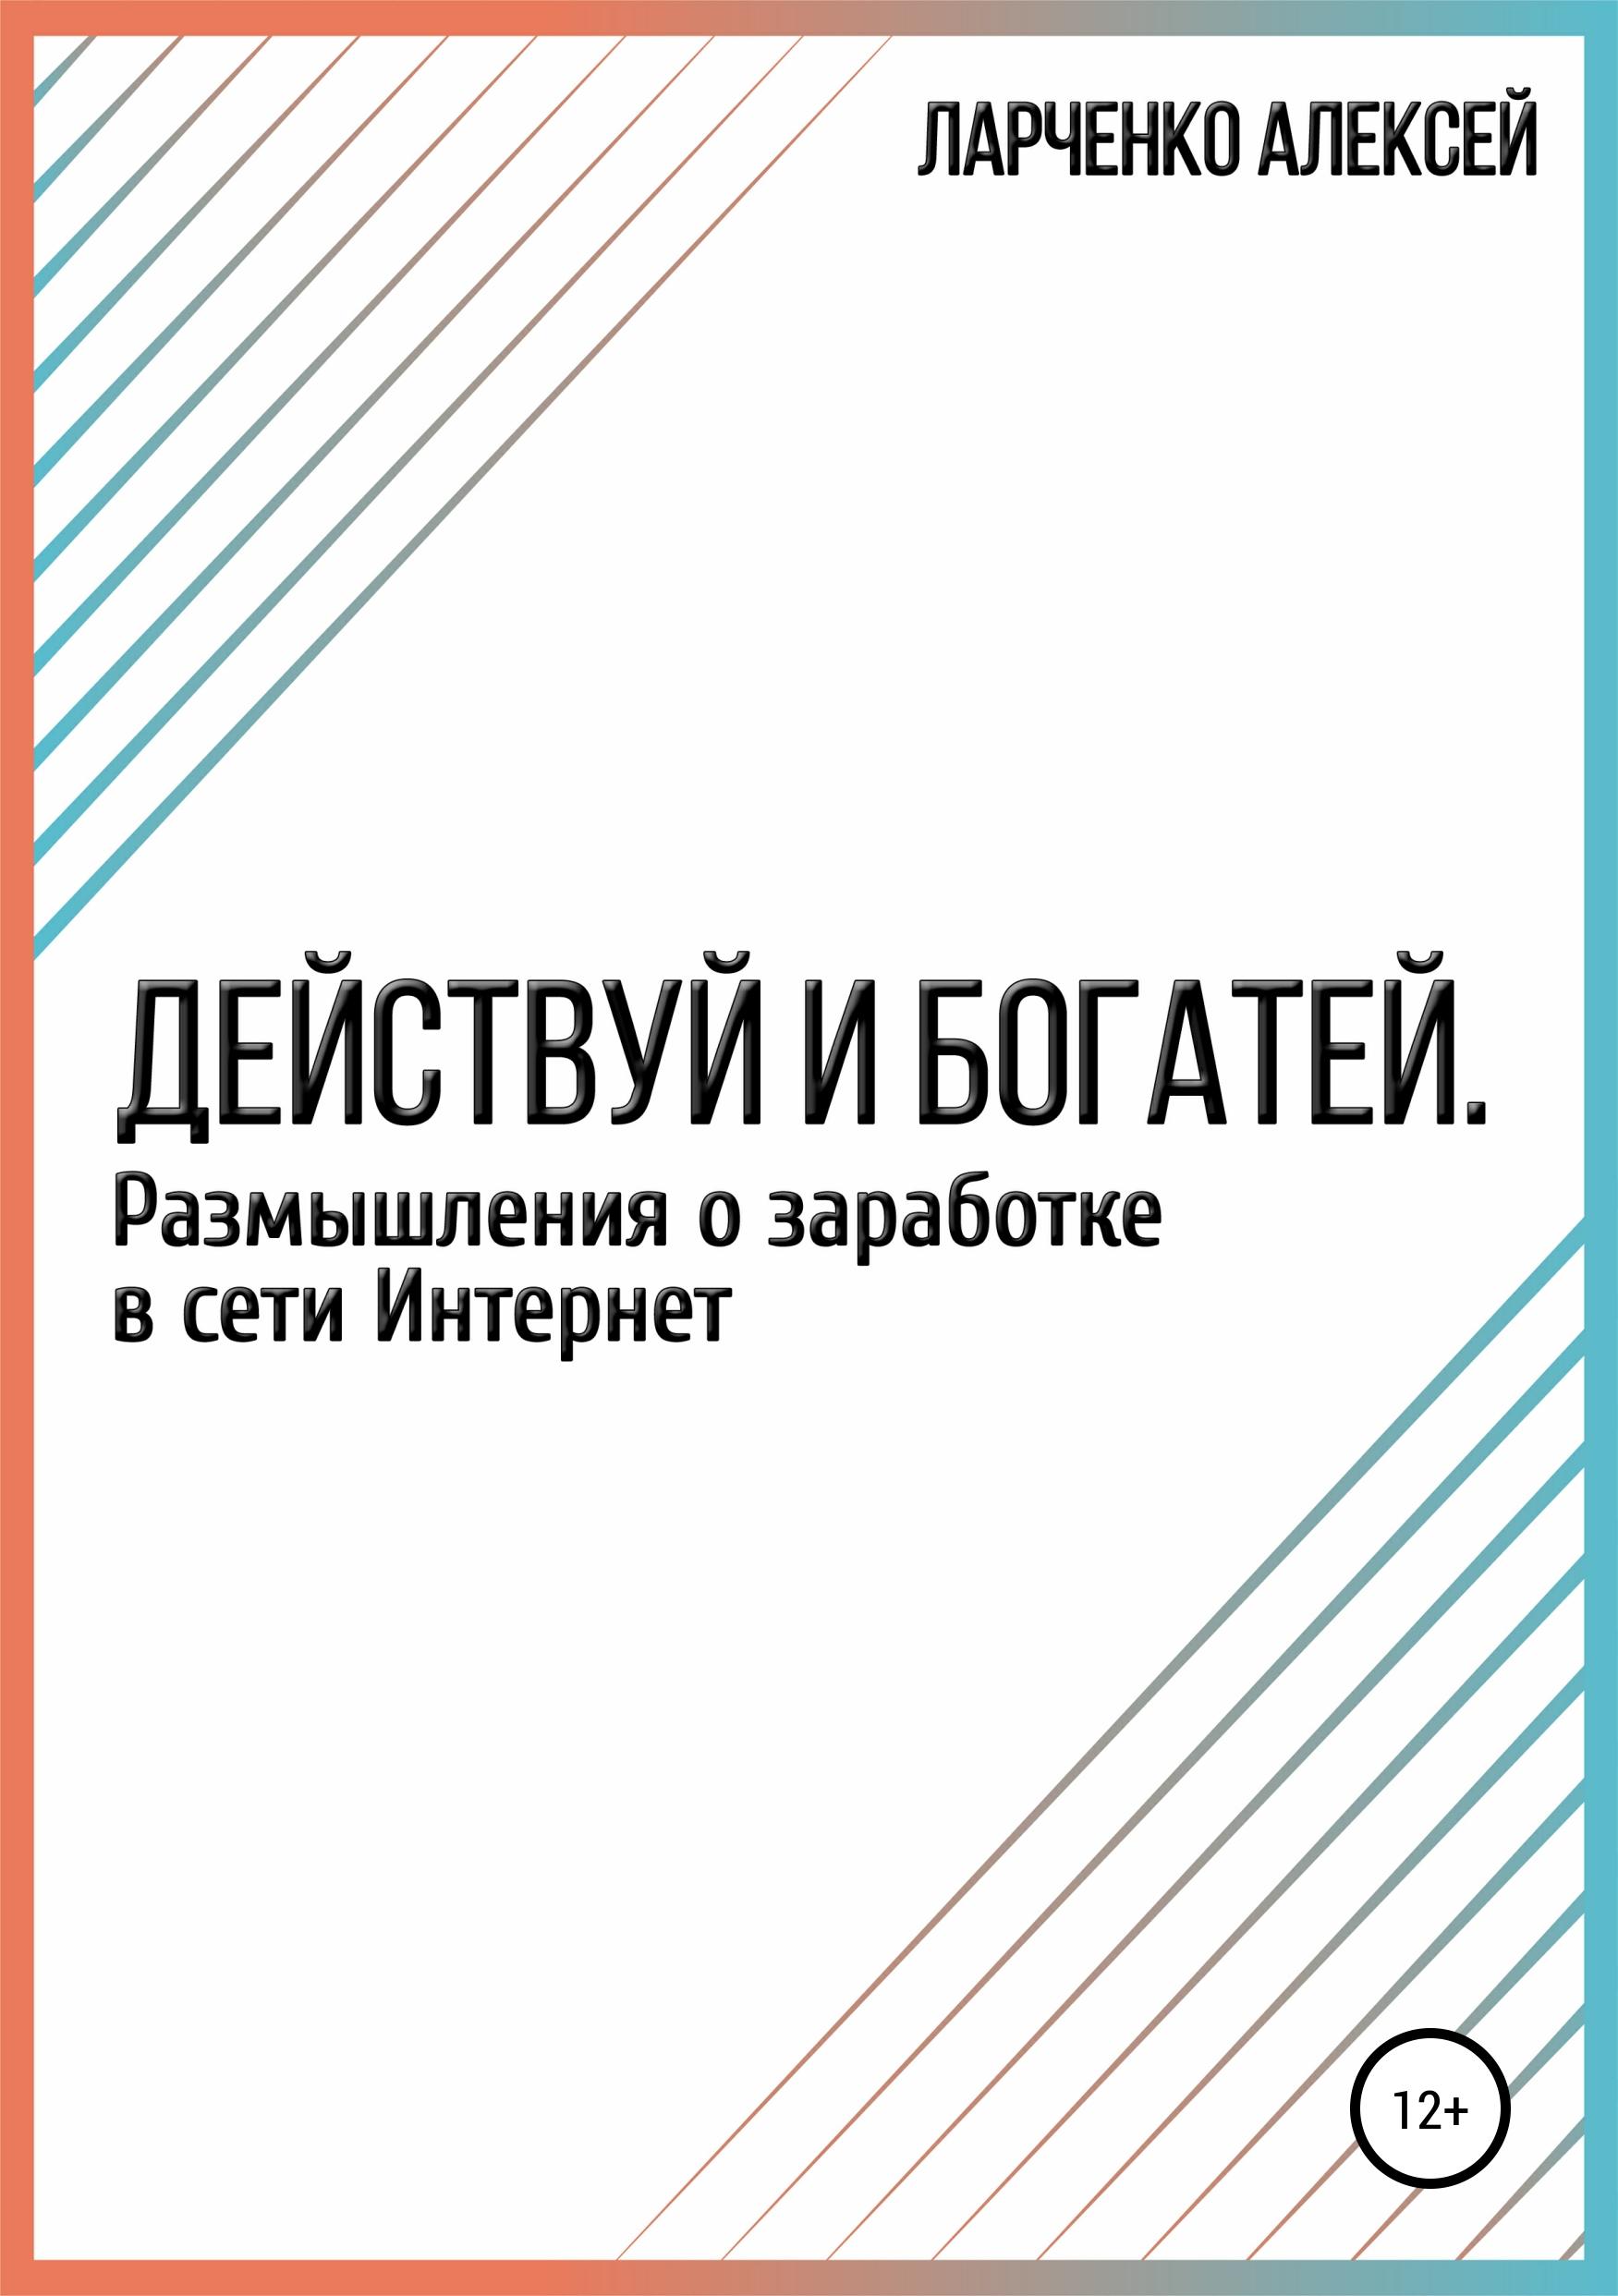 Обложка книги. Автор - Алексей Ларченко